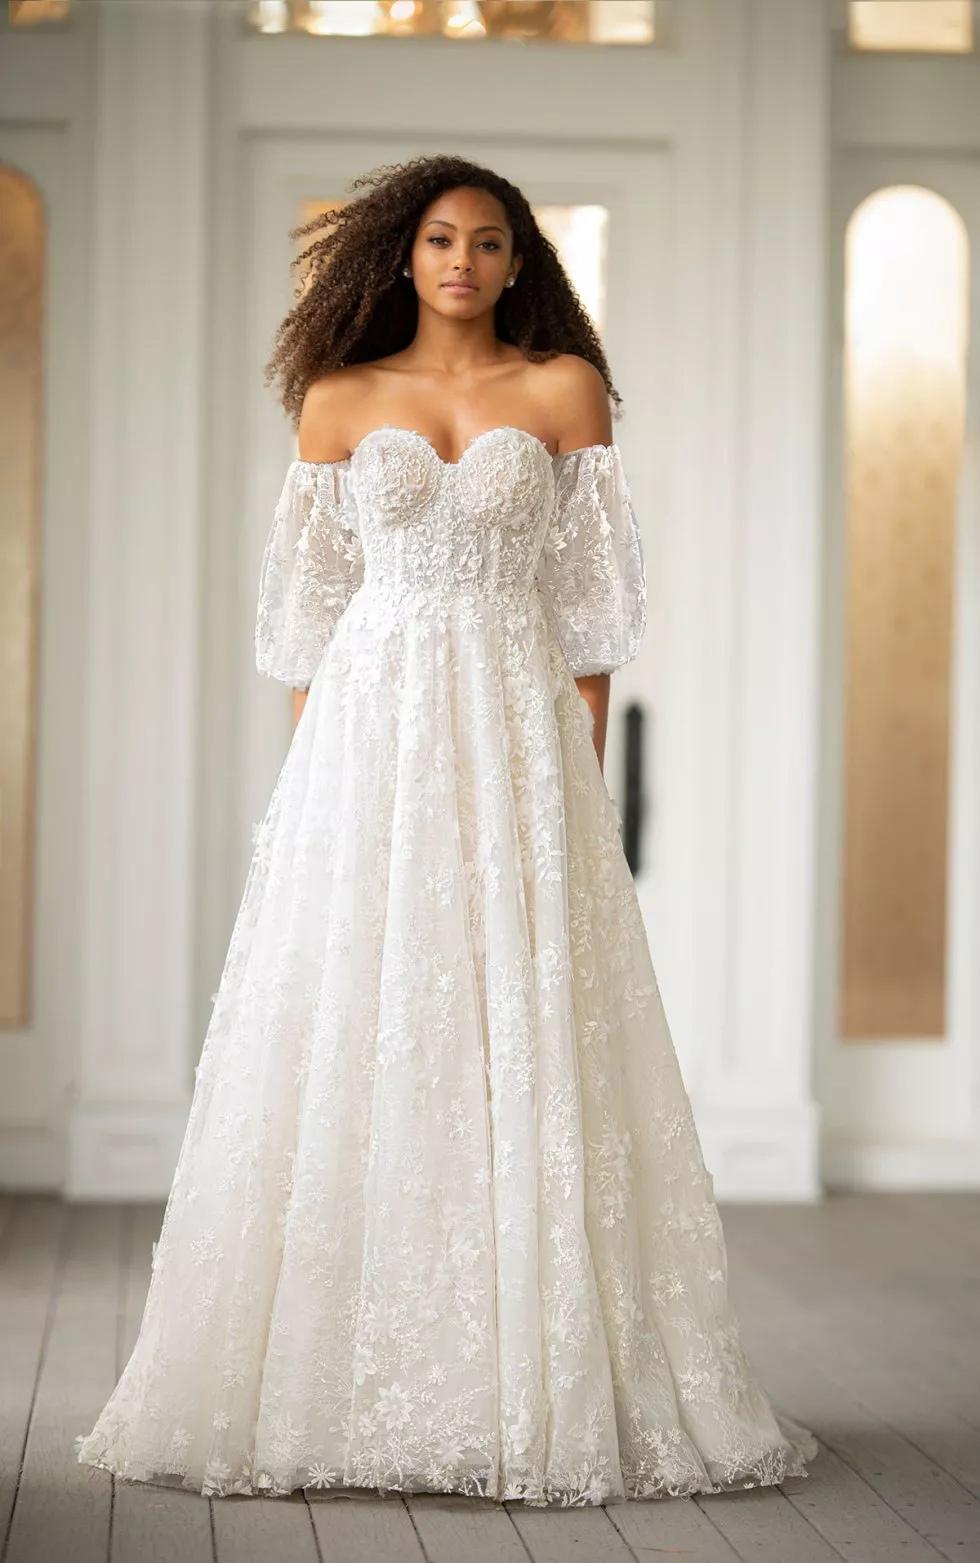 pdw8va4QC g - 21 романтическое платье для невесты в 2021 свадебном сезоне